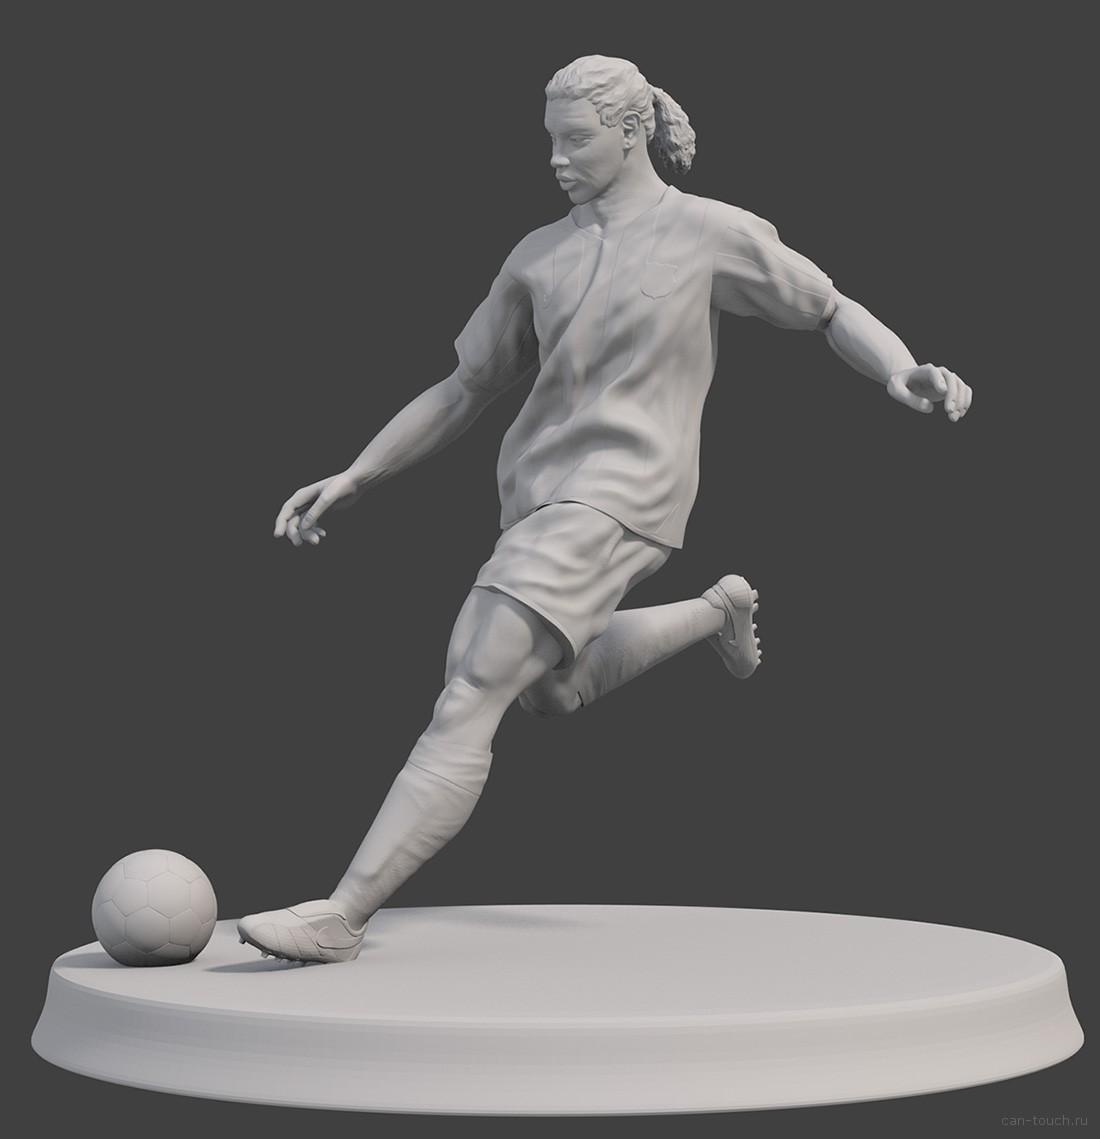 3D-модель фигурки Рональдиньо для 3D-печати